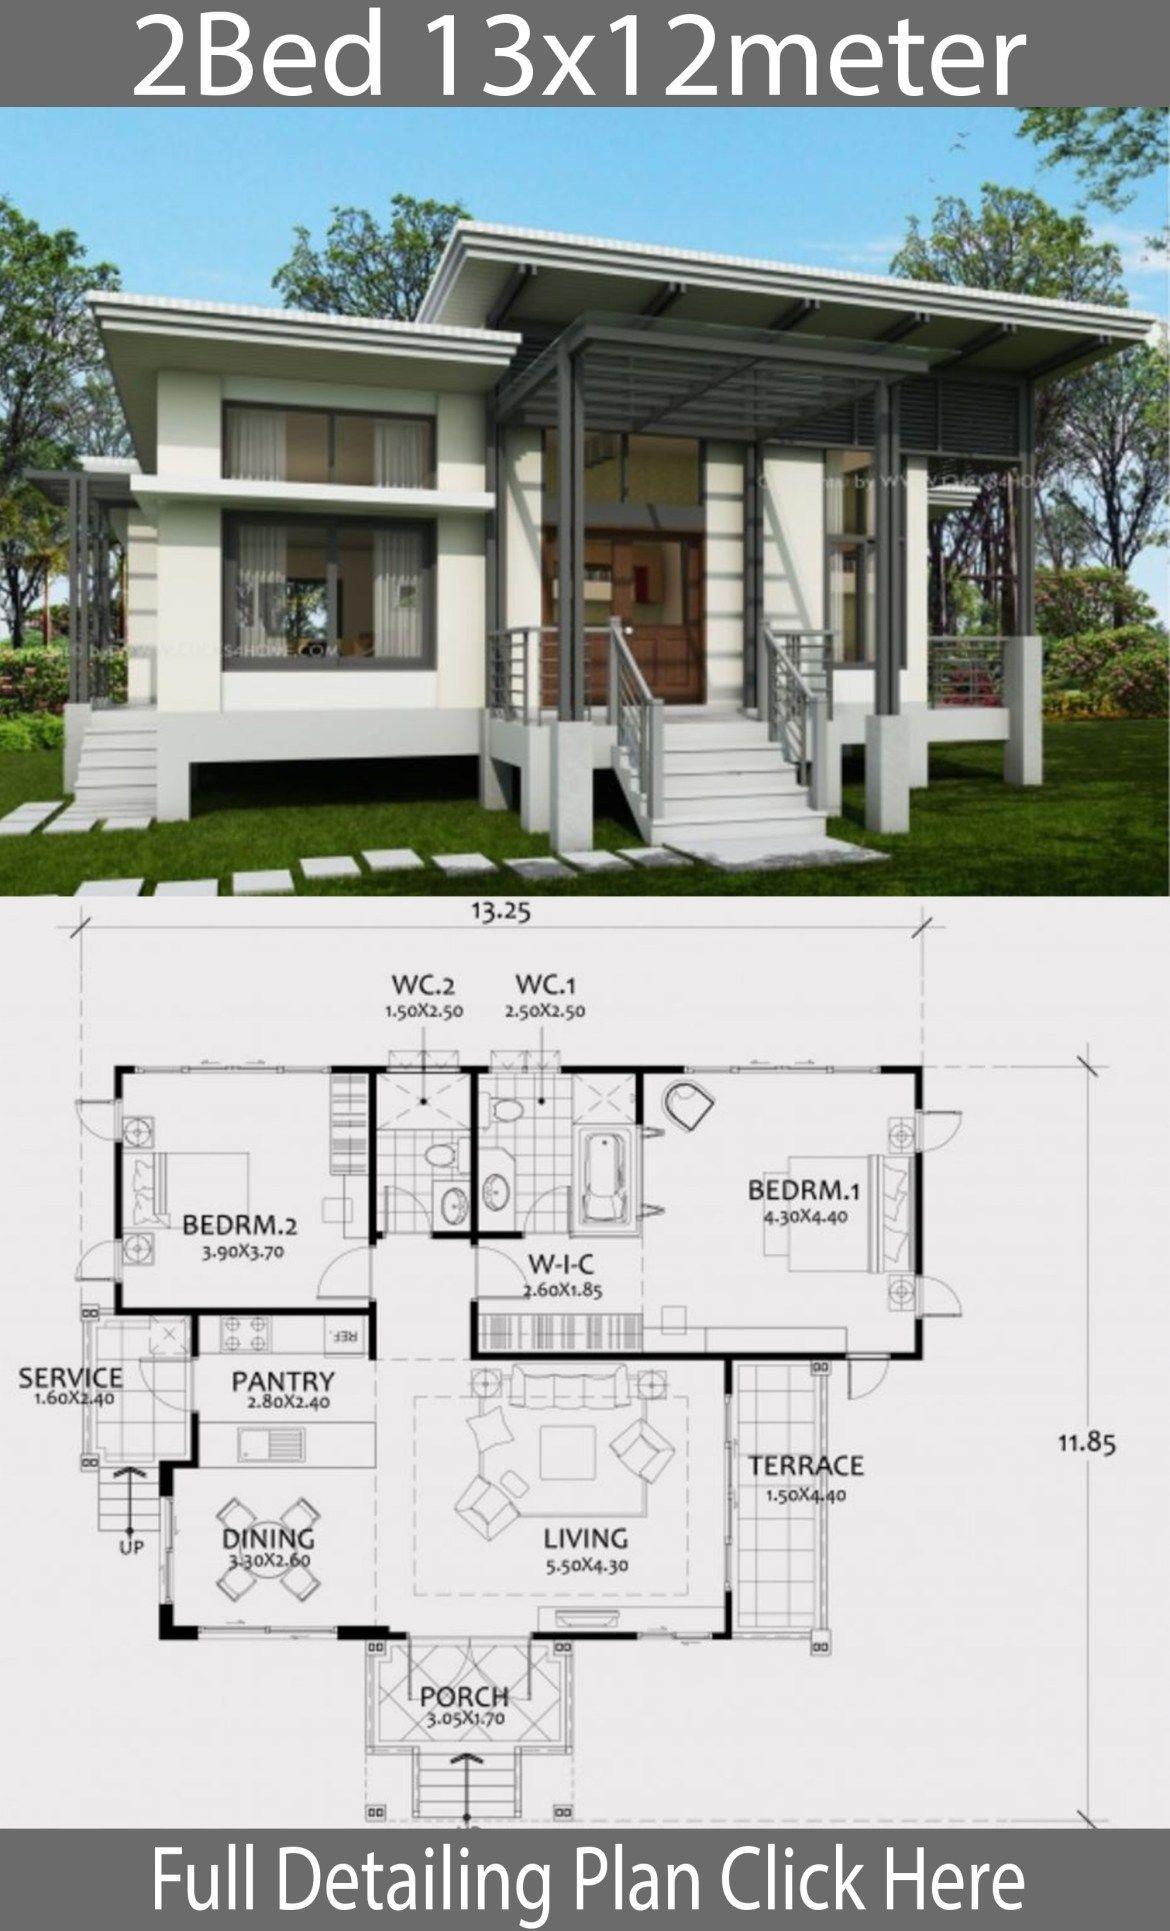 Fresh 2 Bedroom House Plans One Story Modern E Story House Plan 13x12m With 2 Bedrooms In 202 In 2020 Brick Exterior House House Plans Simple House Plans